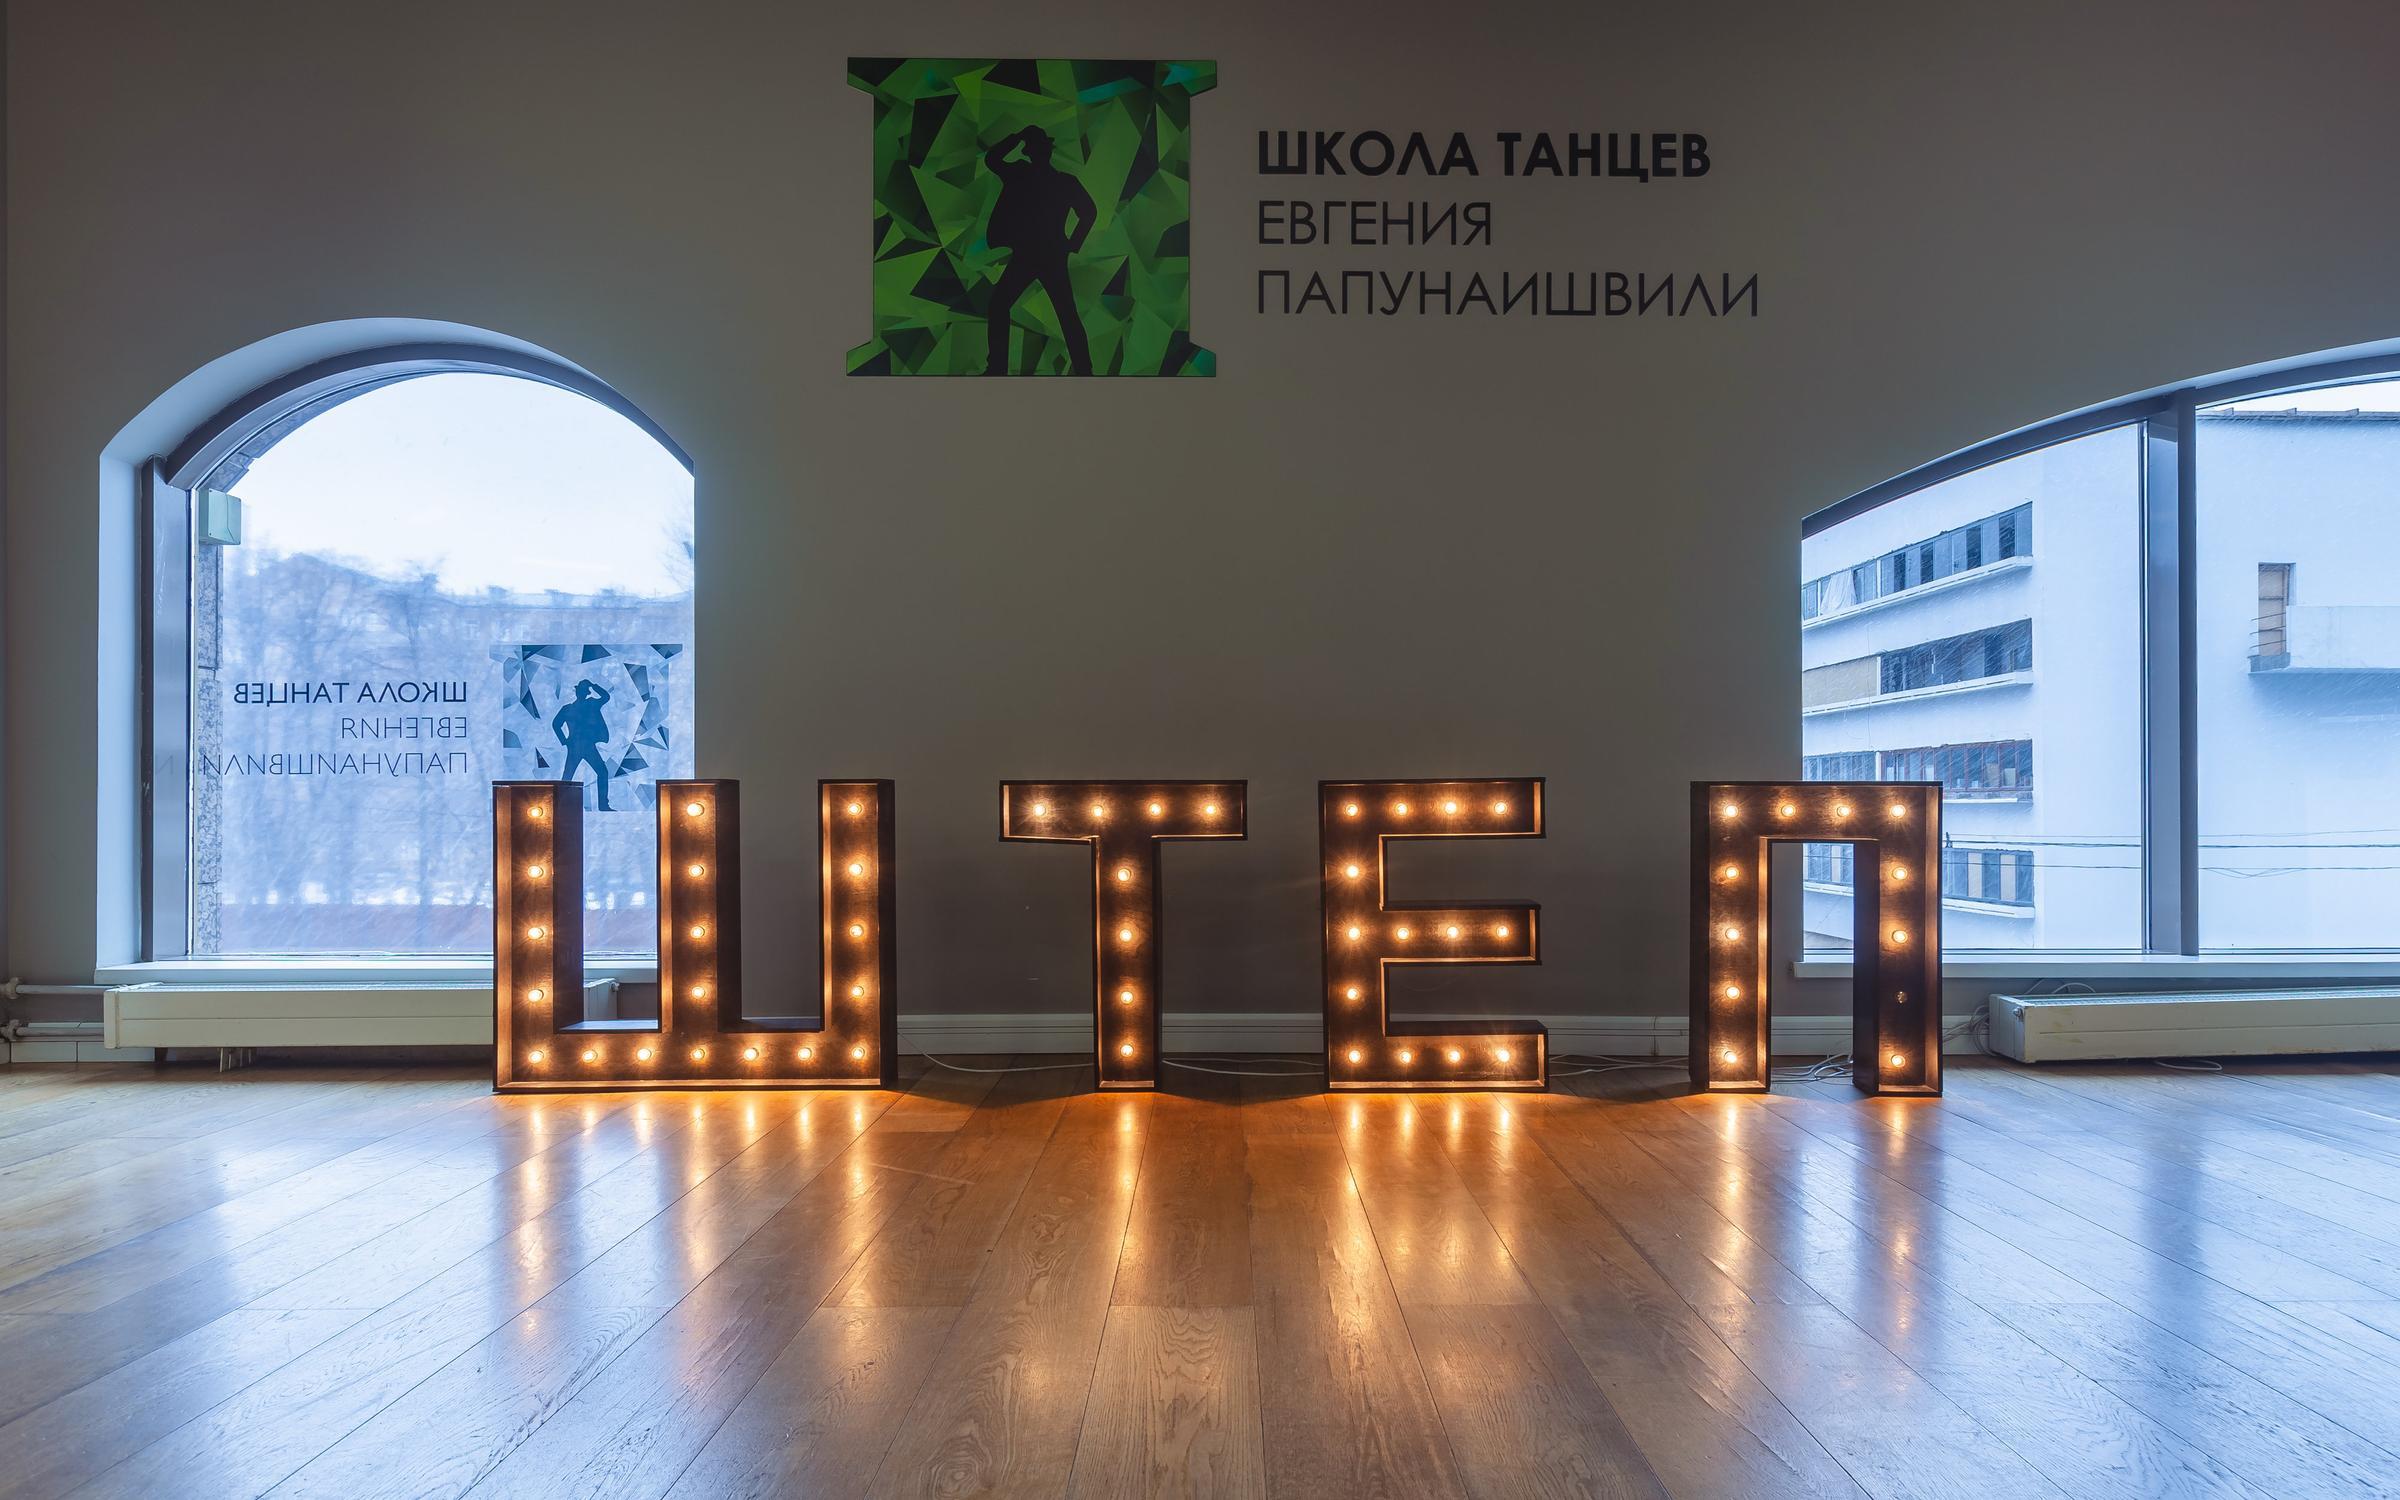 фотография Школы танцев ШТЕП под руководством Евгения Папунаишвили в ТДЦ Новинский